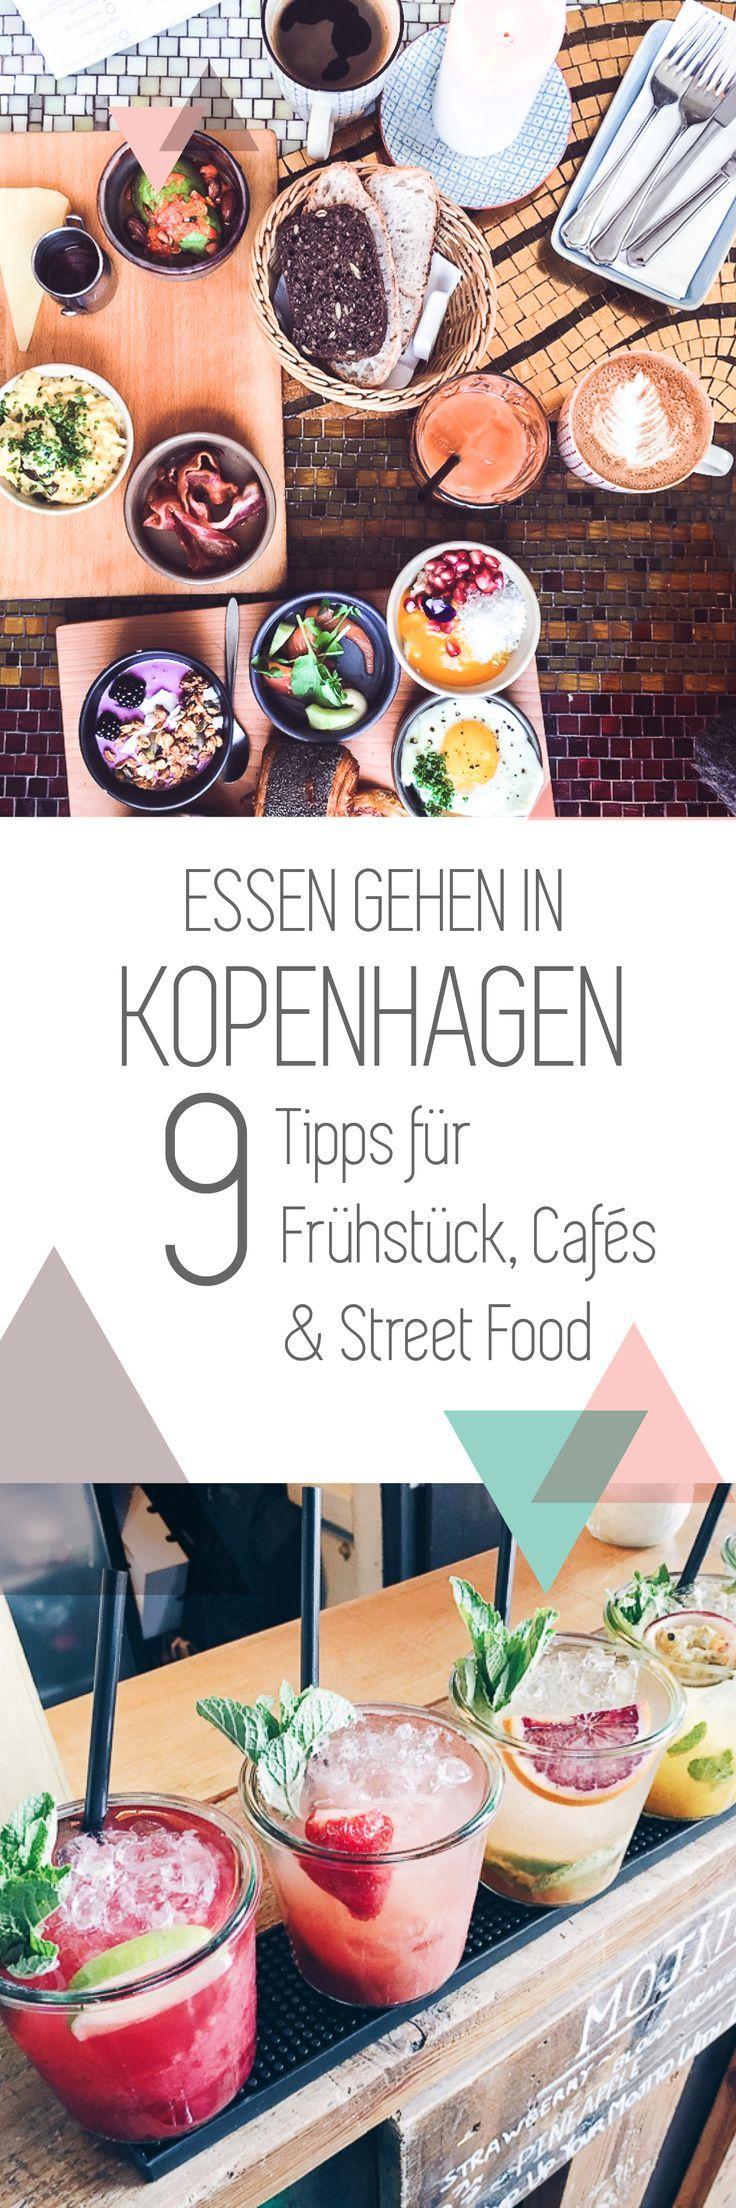 essen gehen in kopenhagen 9 tipps f r fr hst ck caf s und street food in 2018 reisen. Black Bedroom Furniture Sets. Home Design Ideas